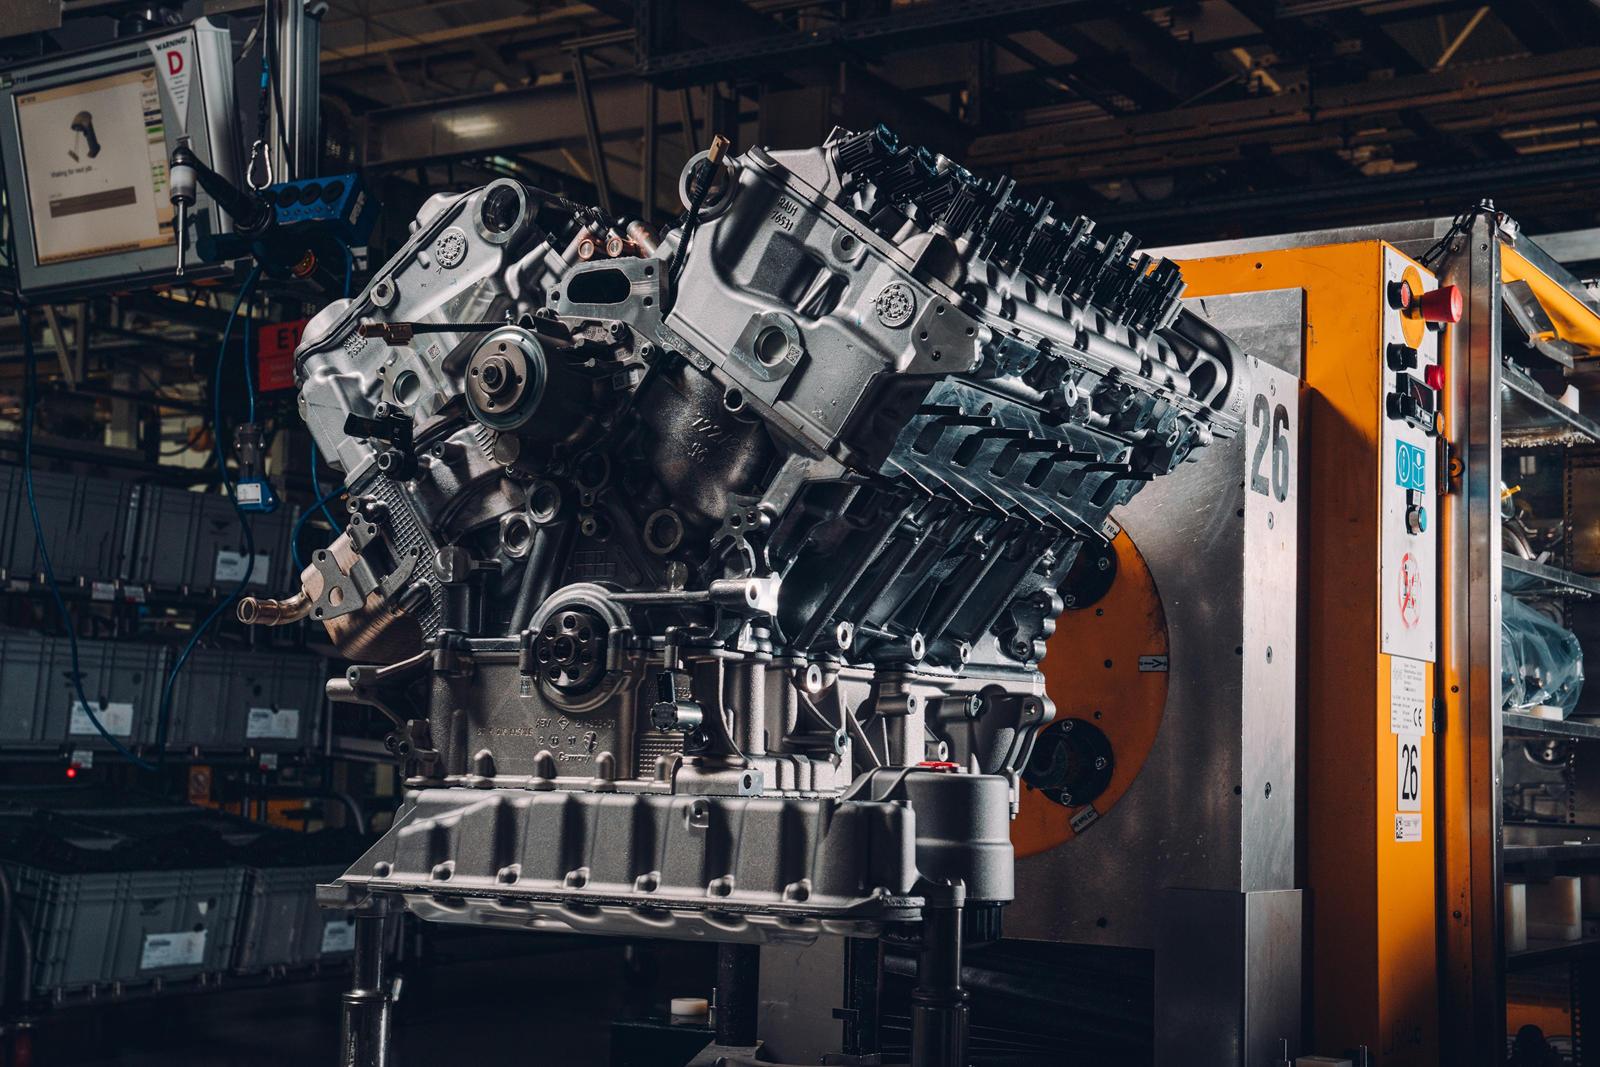 Во время этого теста двигатель работает со скоростью 120 об/мин, чтобы облегчить выявление несоответствий. Холодный тест также помогает Bentley проверить правильность синхронизации двигателя. Наконец, «Горячий тест» имитирует реальное использование д